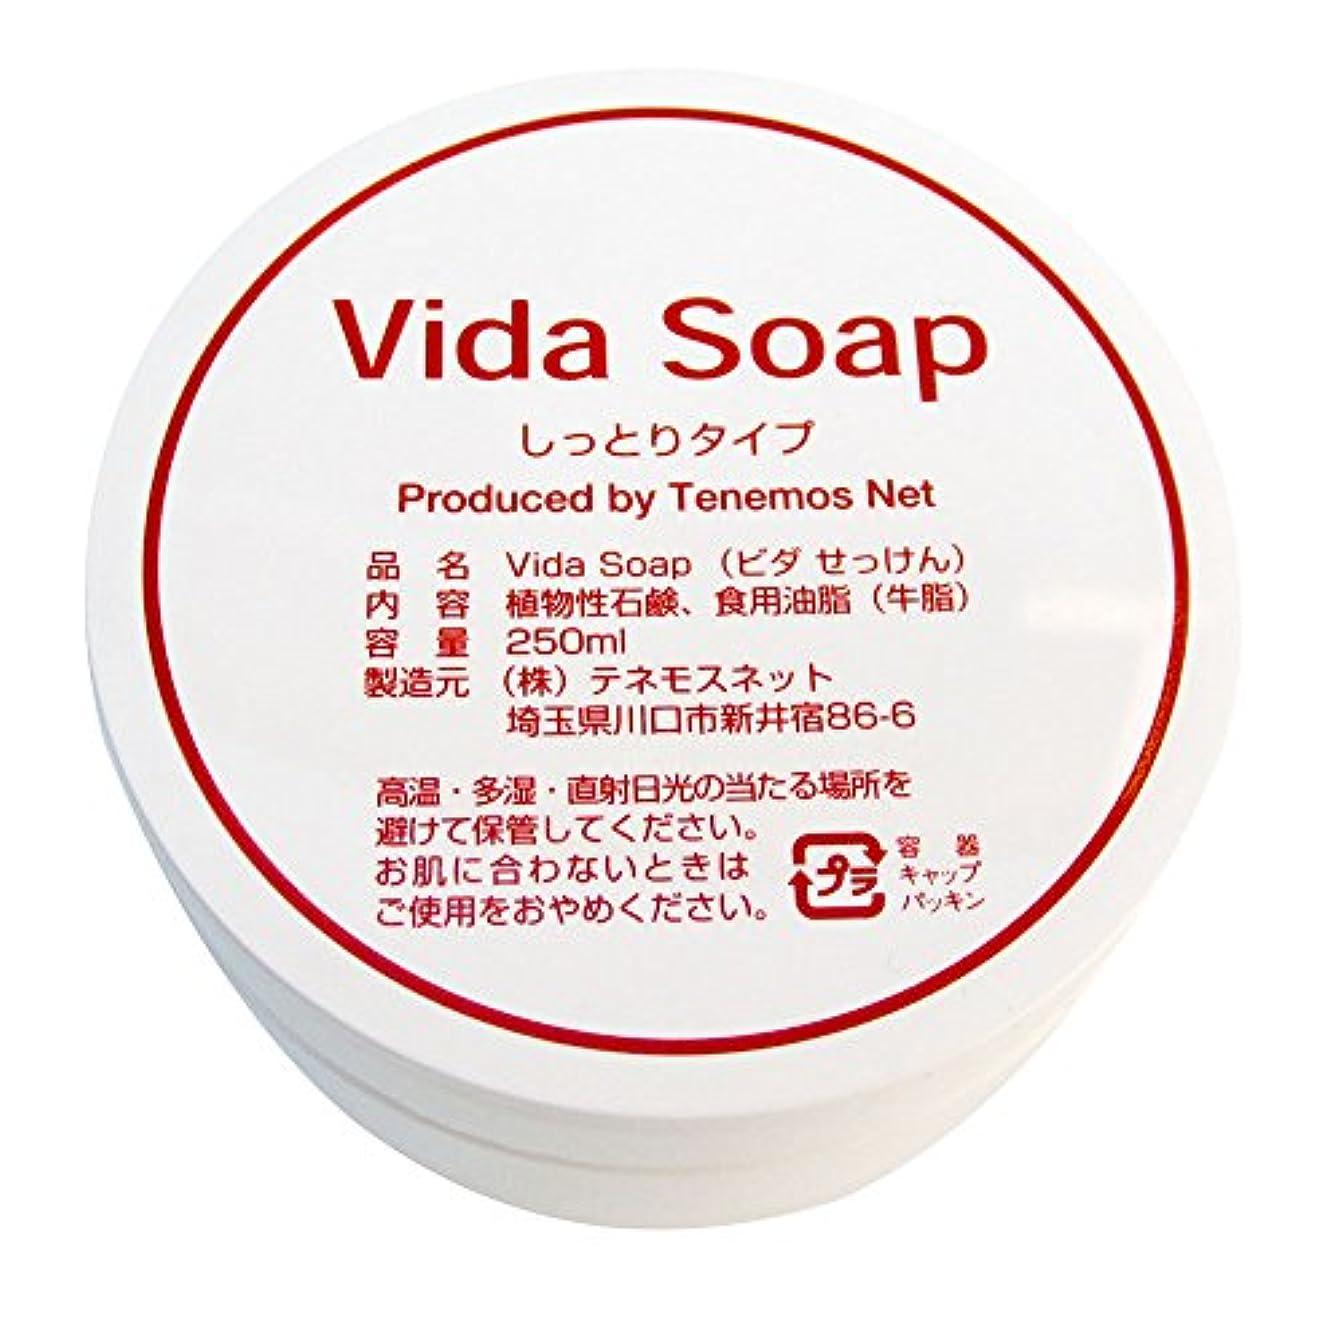 試用遵守する大きなスケールで見るとテネモス ビダせっけん Vida Soap しっとりノーマル 動物性 250ml